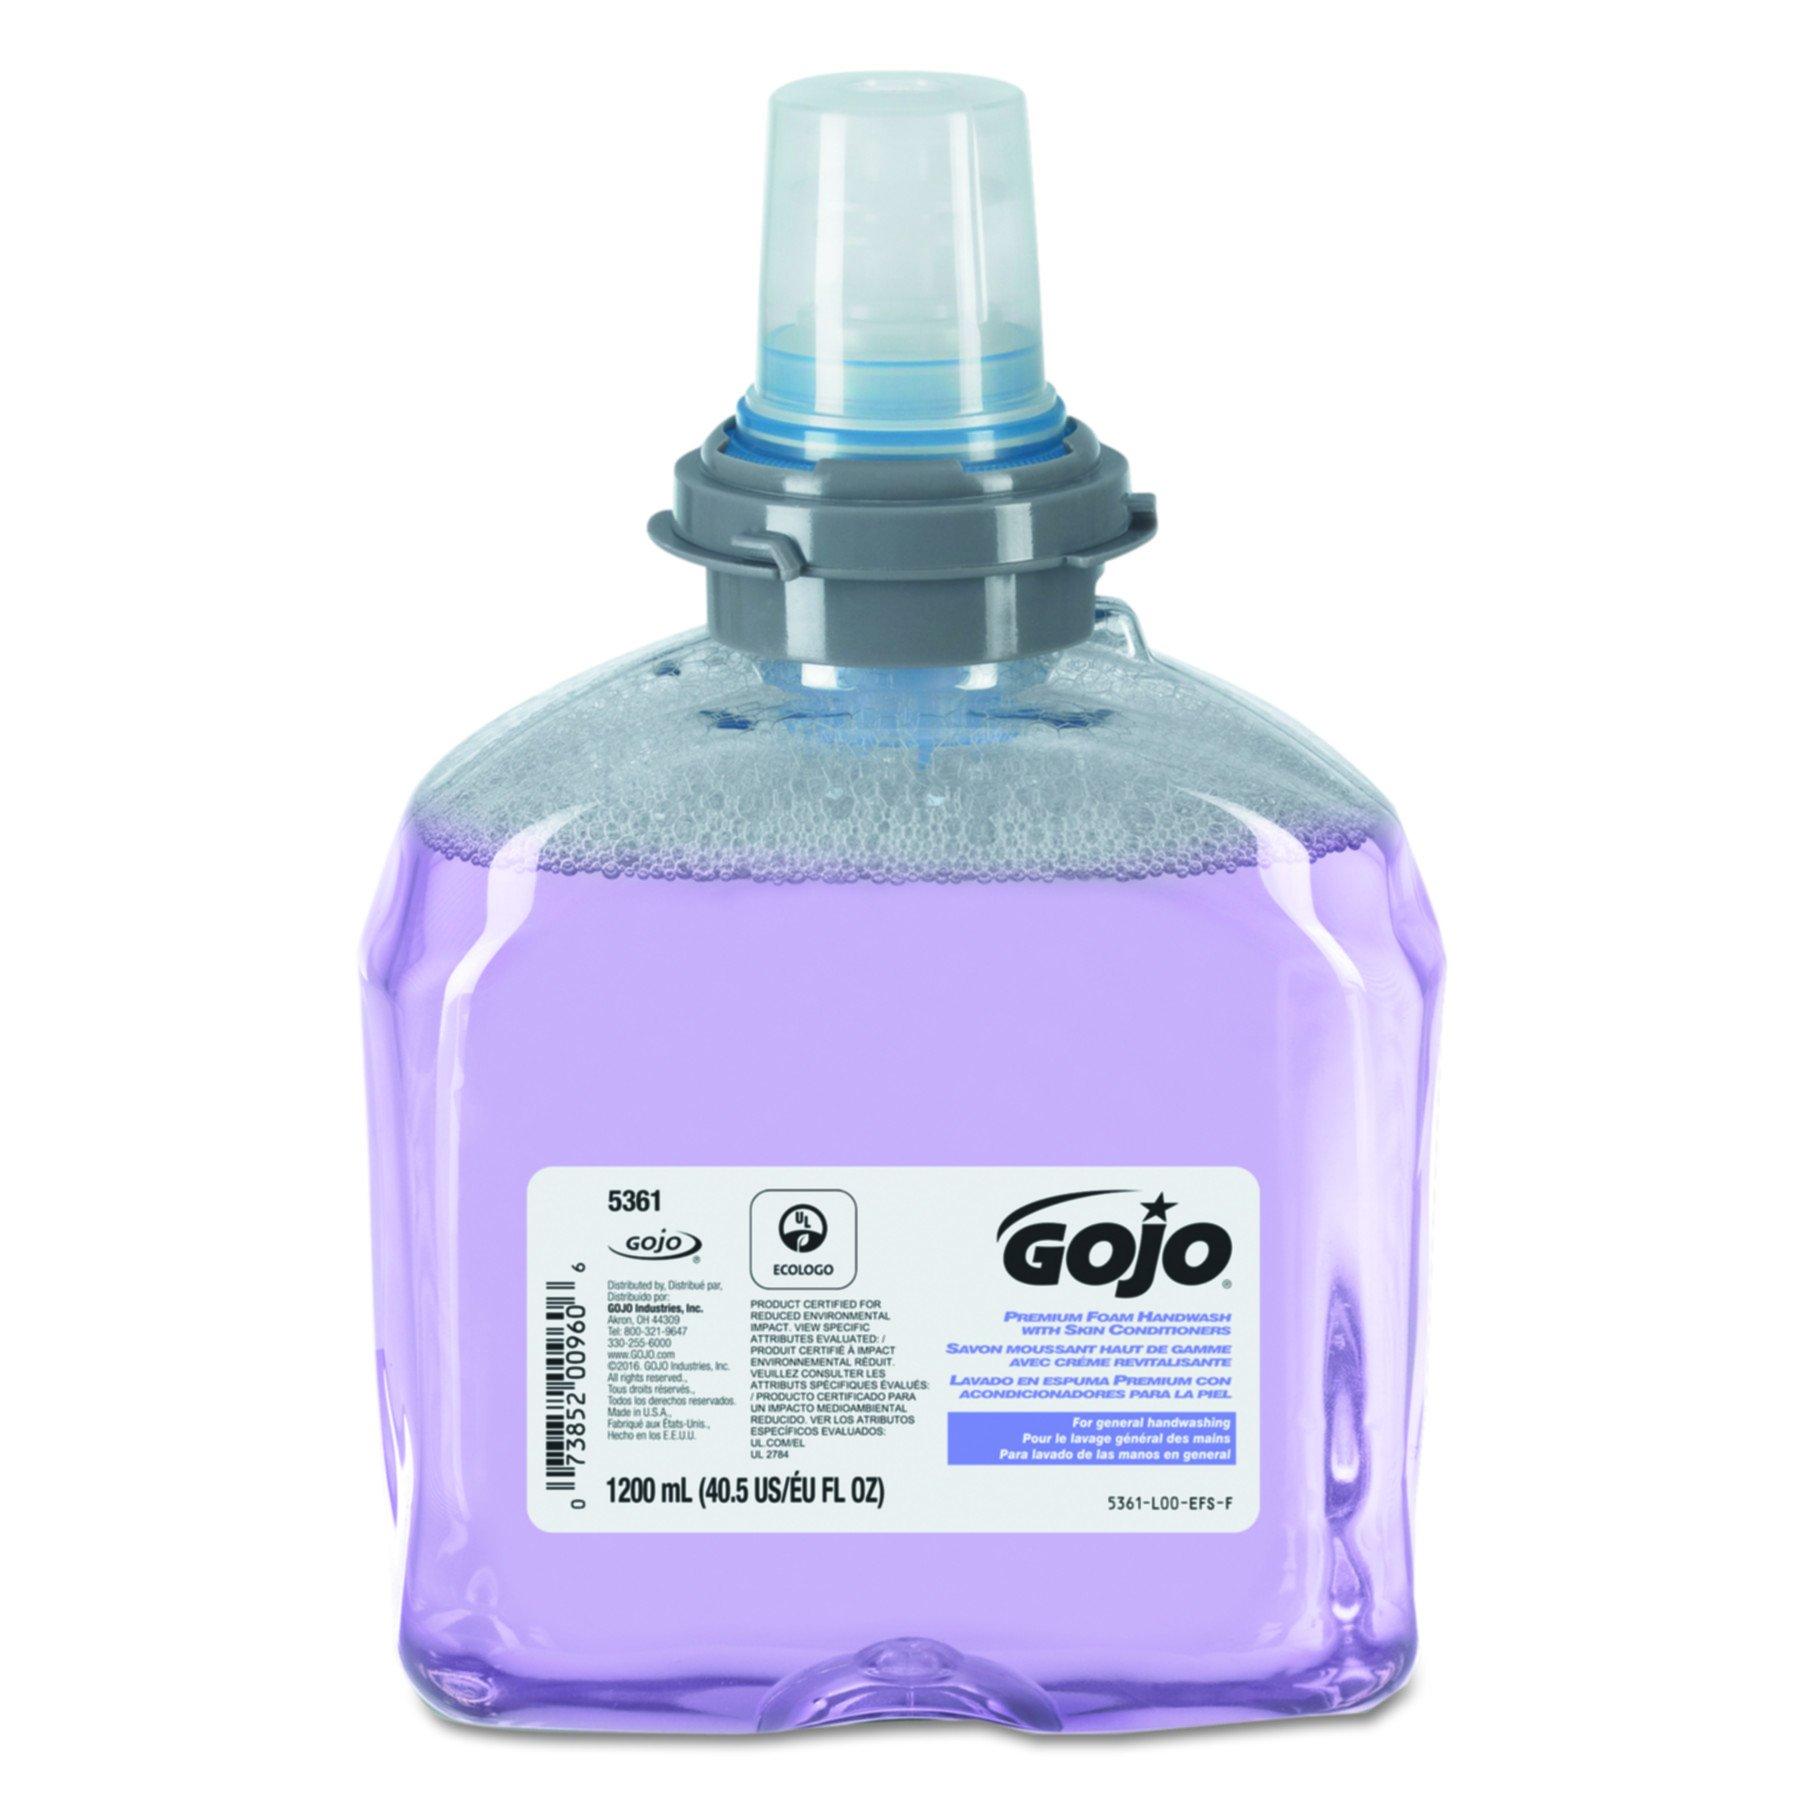 GOJO 5361-02 1200 mL Premium Foam Handwash With Skin Conditioners (2 per Case)